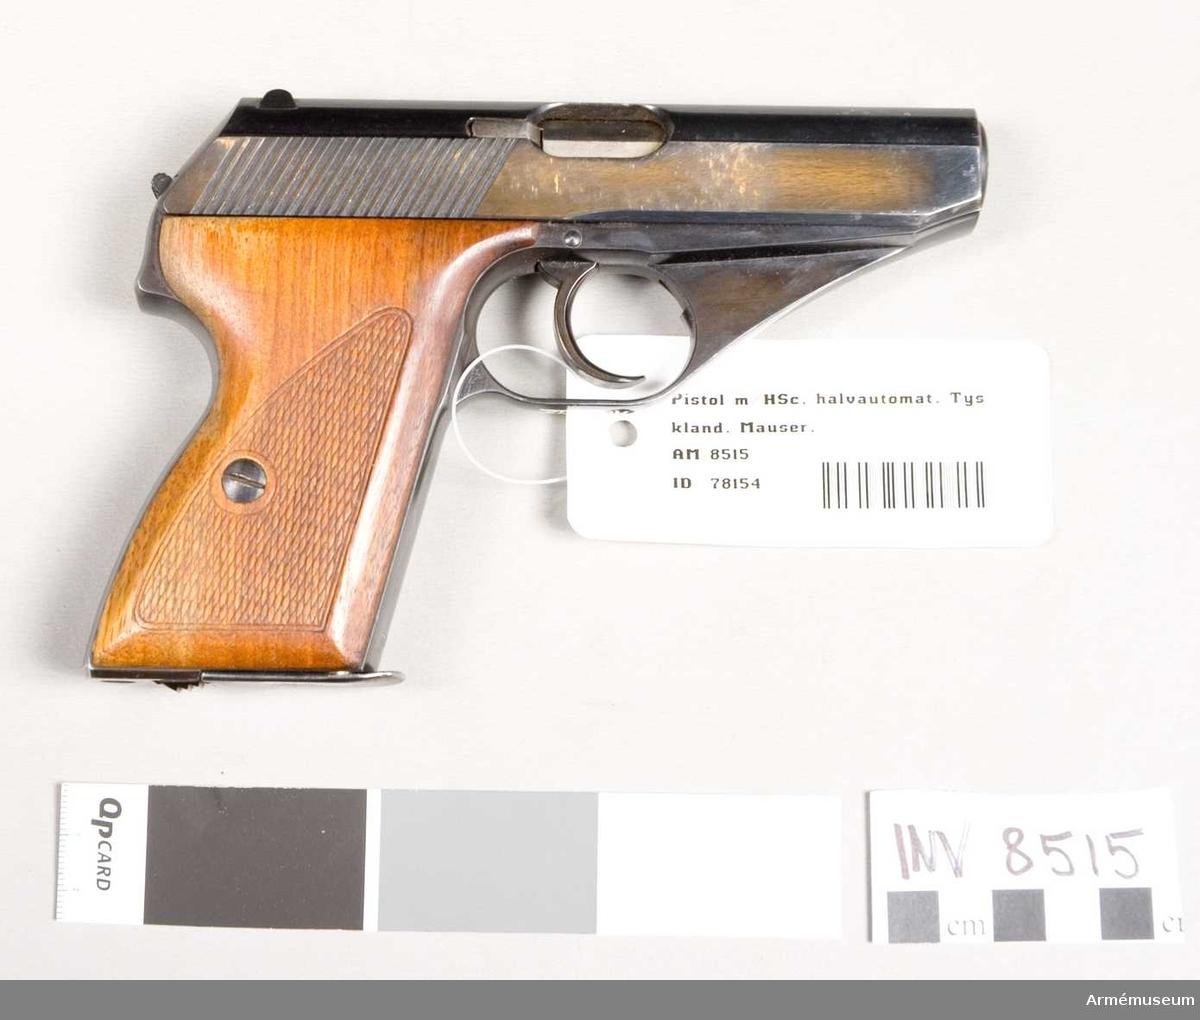 """Tillverkningsnummer 718036. Märkt Mauser Werke A.G. Oberndorf a.N. Mod.HSc Kal.7,65 mm """"tysk örn"""" med N 656. Handgrepp av trä. Bestående av 1 st pistol, 2 st magasin.   Samhörande nr är 8515-6, halvautomatpistol, fodral."""